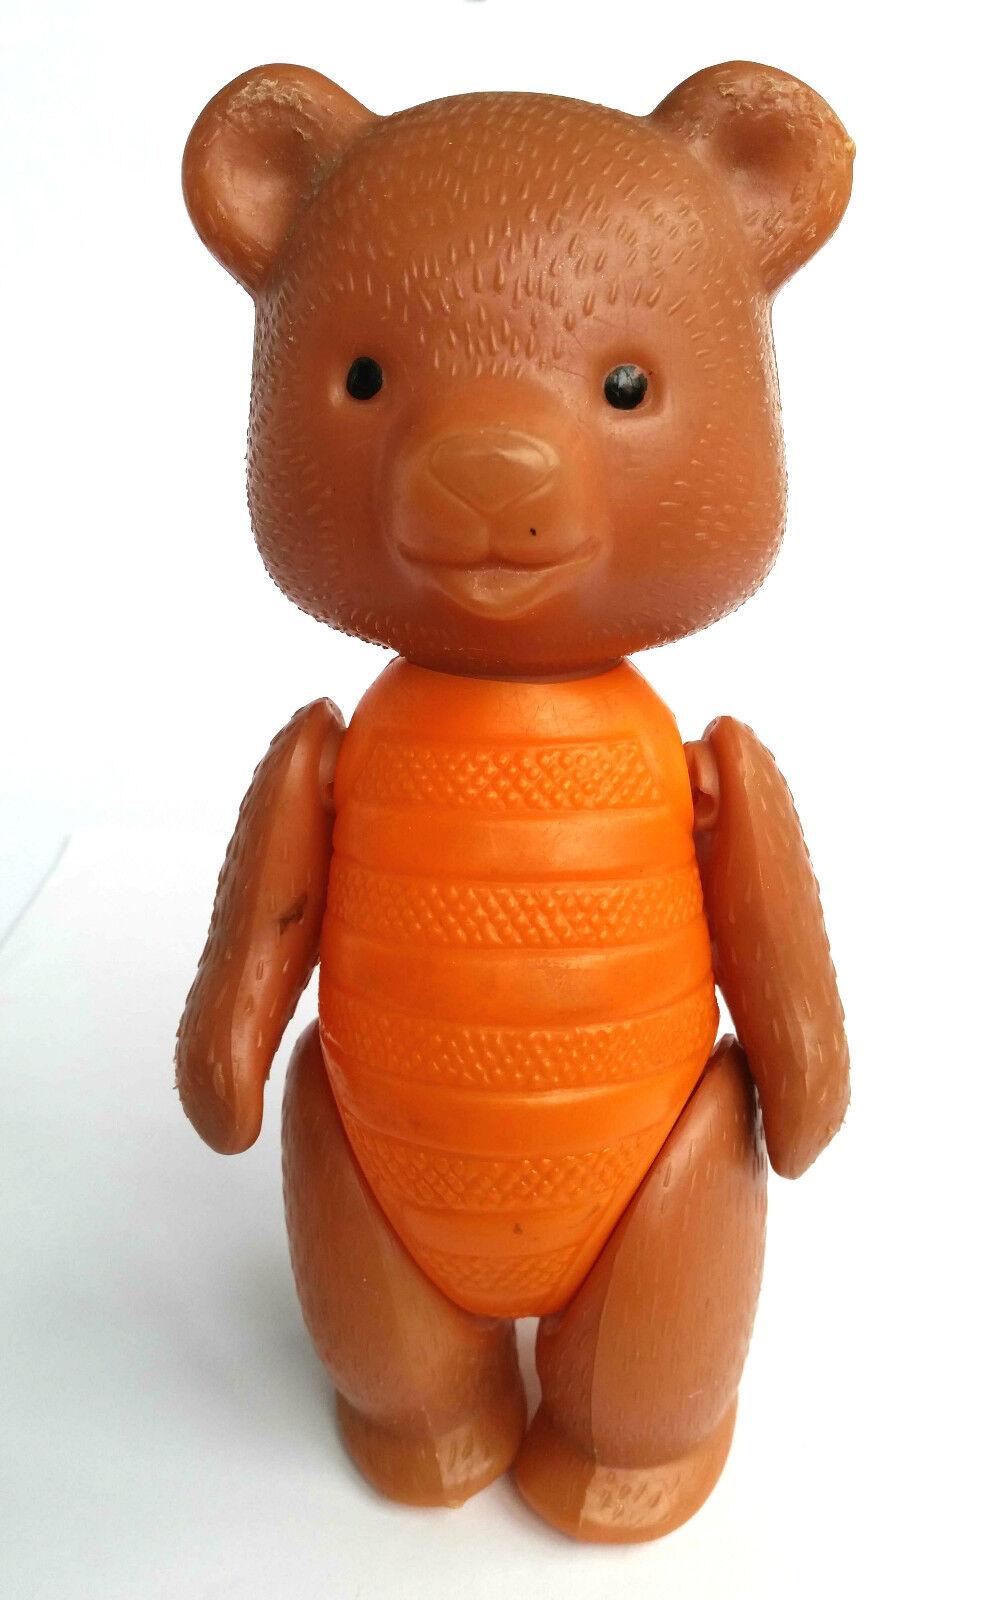 1960s USSR Russian Soviet Plastic Toy braun TEDDY BEAR Mishka